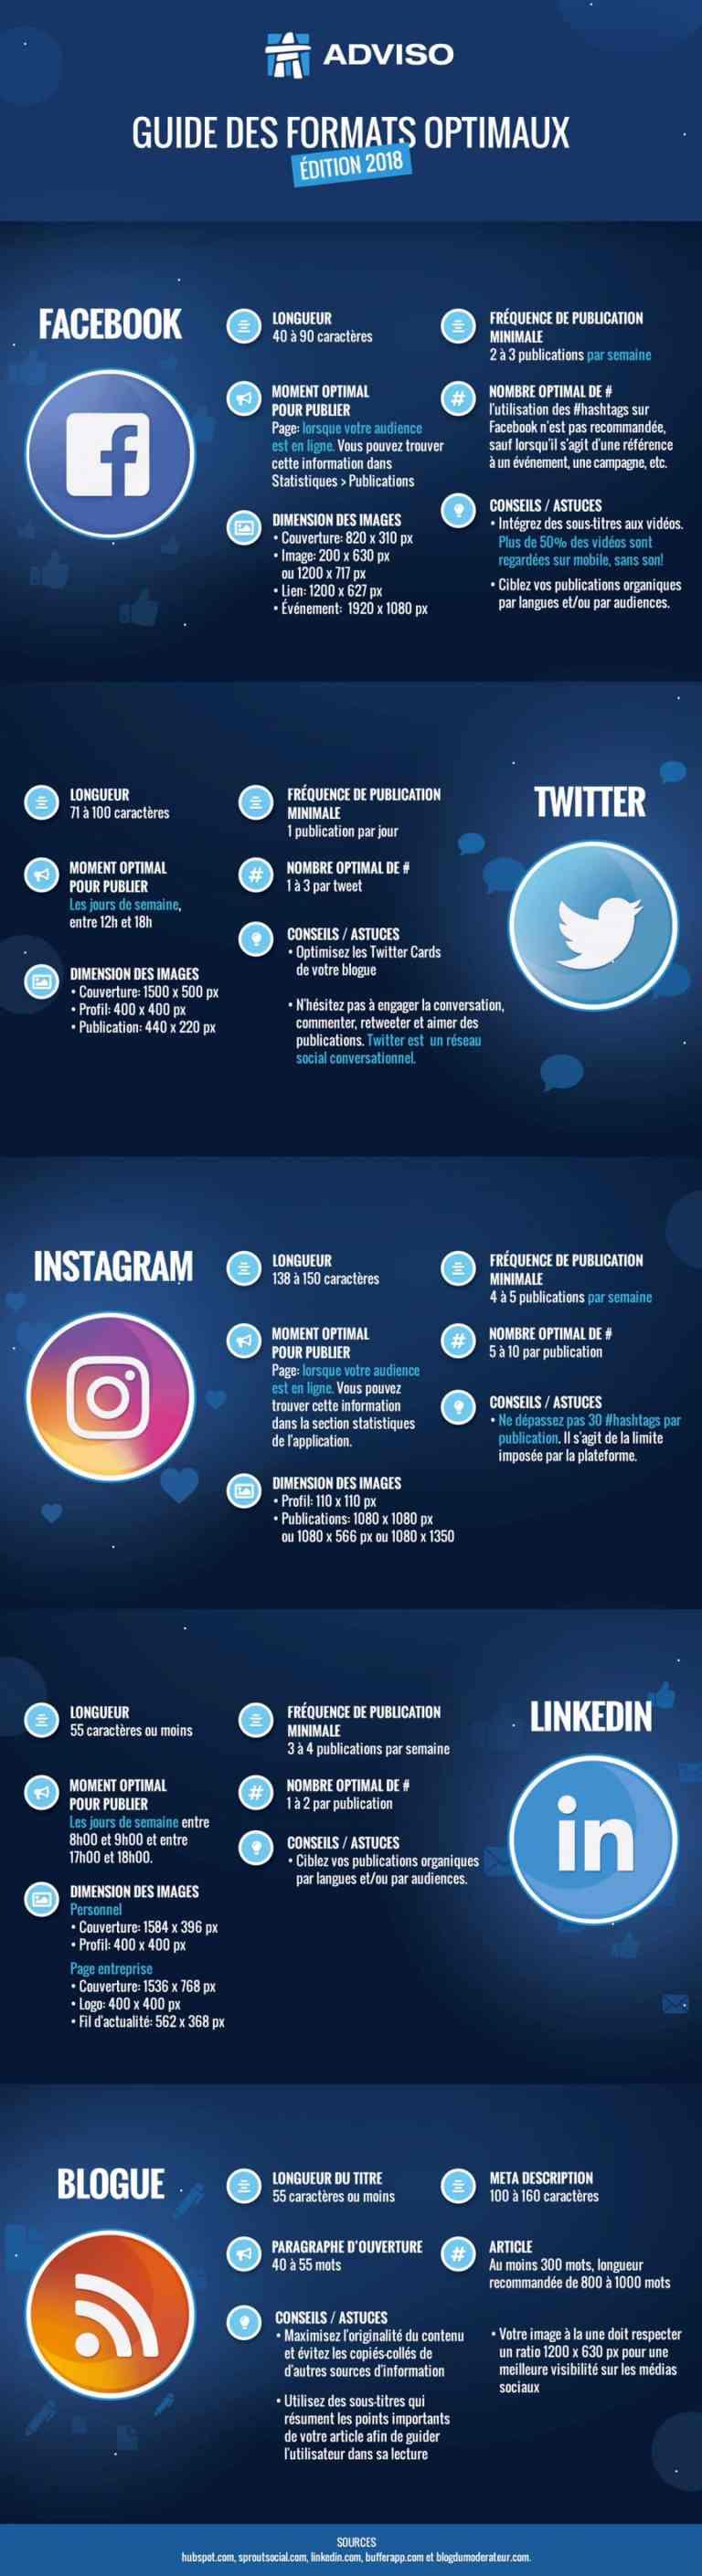 Infographie guide formats optimaux réseaux sociaux